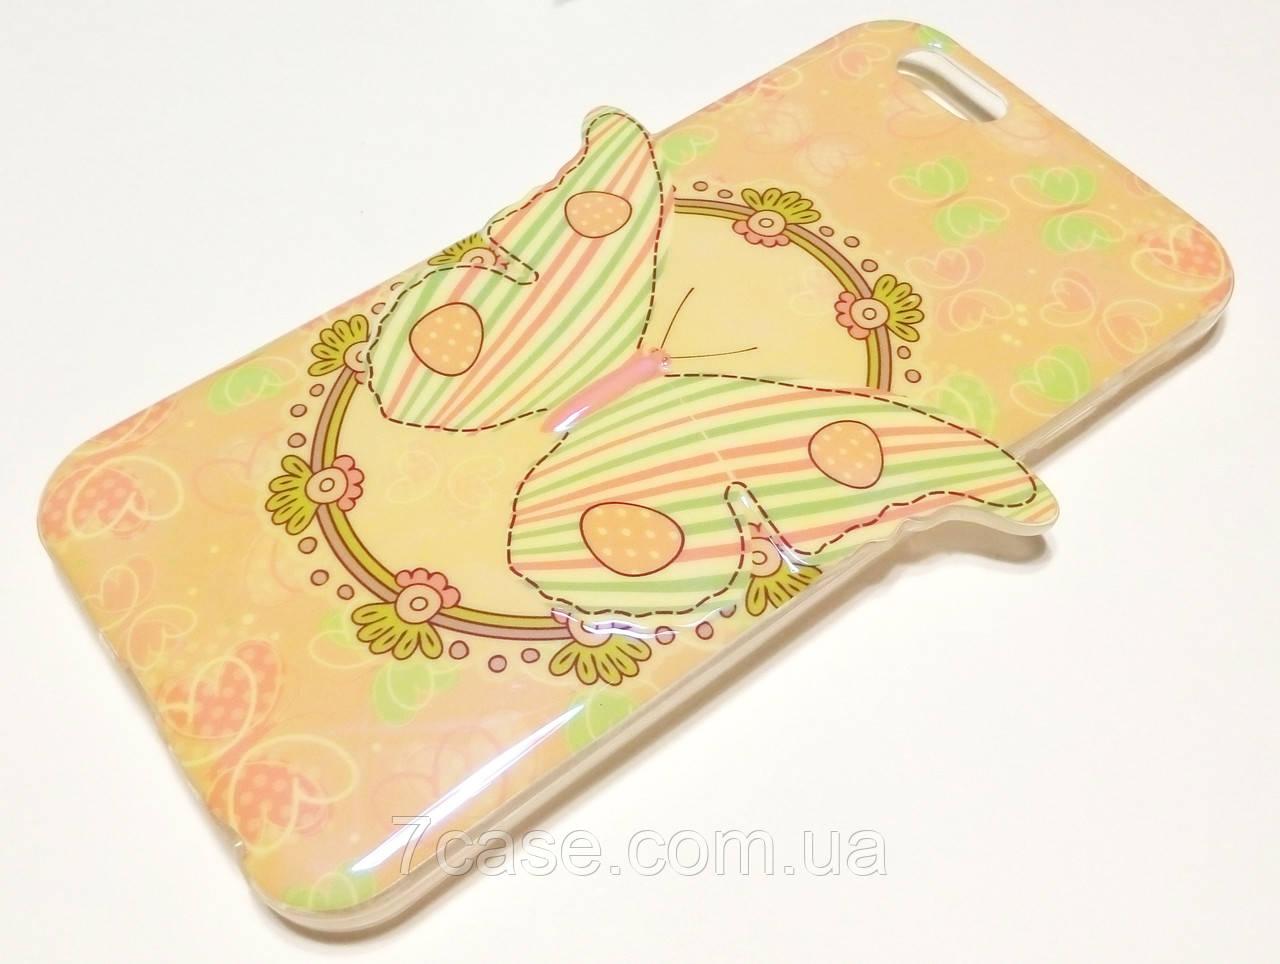 Чехол для iPhone 6 / 6s силиконовый с рисунком бабочка 3d перламутровый кремовый